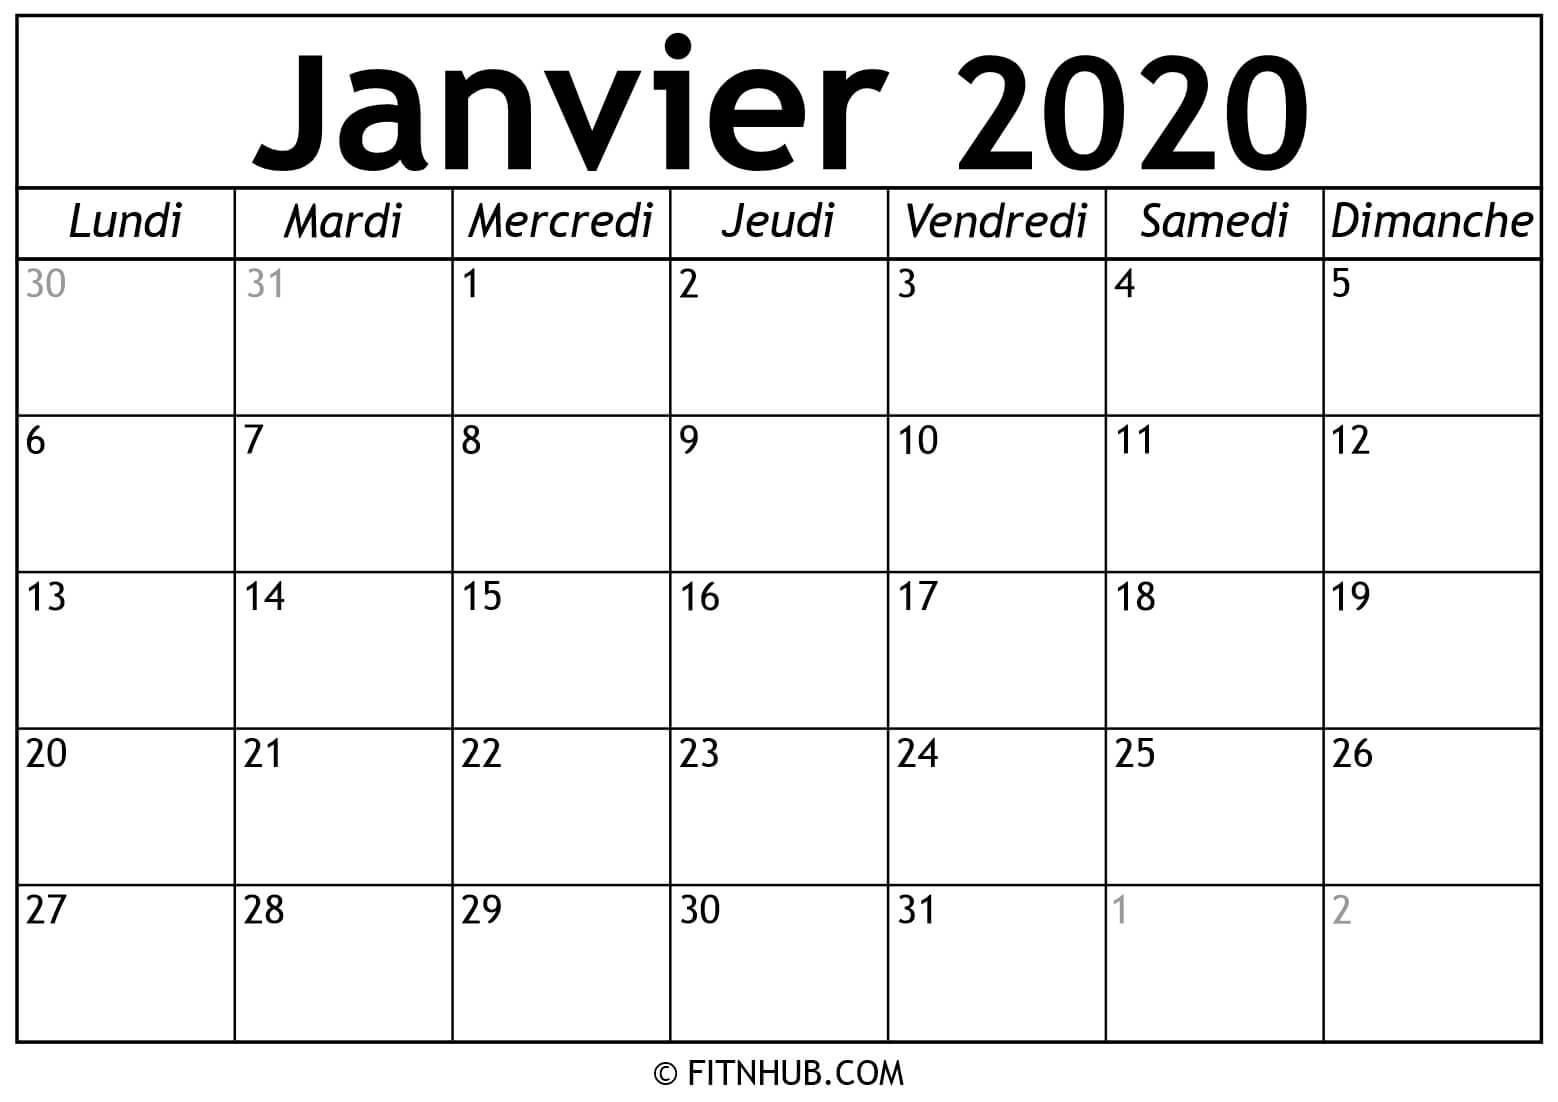 Calendrier Janvier 2020 À Imprimer - Calendrier 2020 À Imprimer intérieur Imprimer Des Calendriers